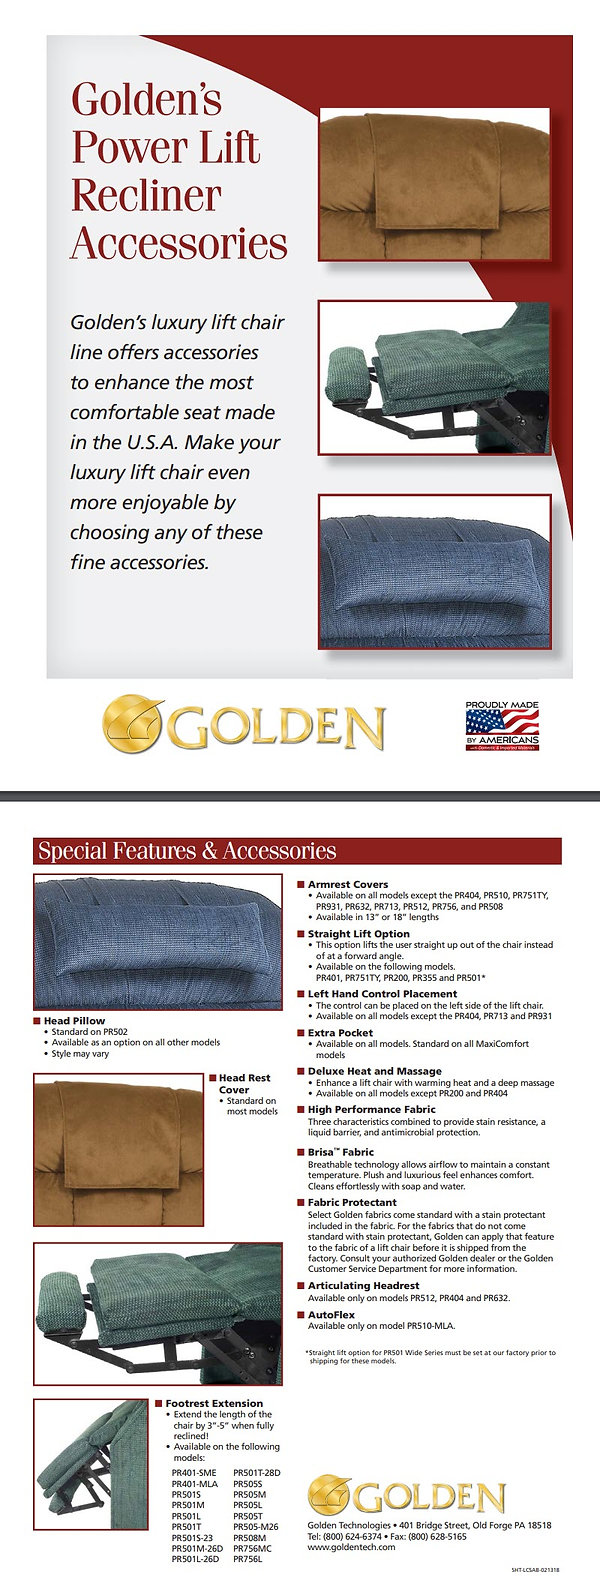 goldenpower accessoriessheet.jpg